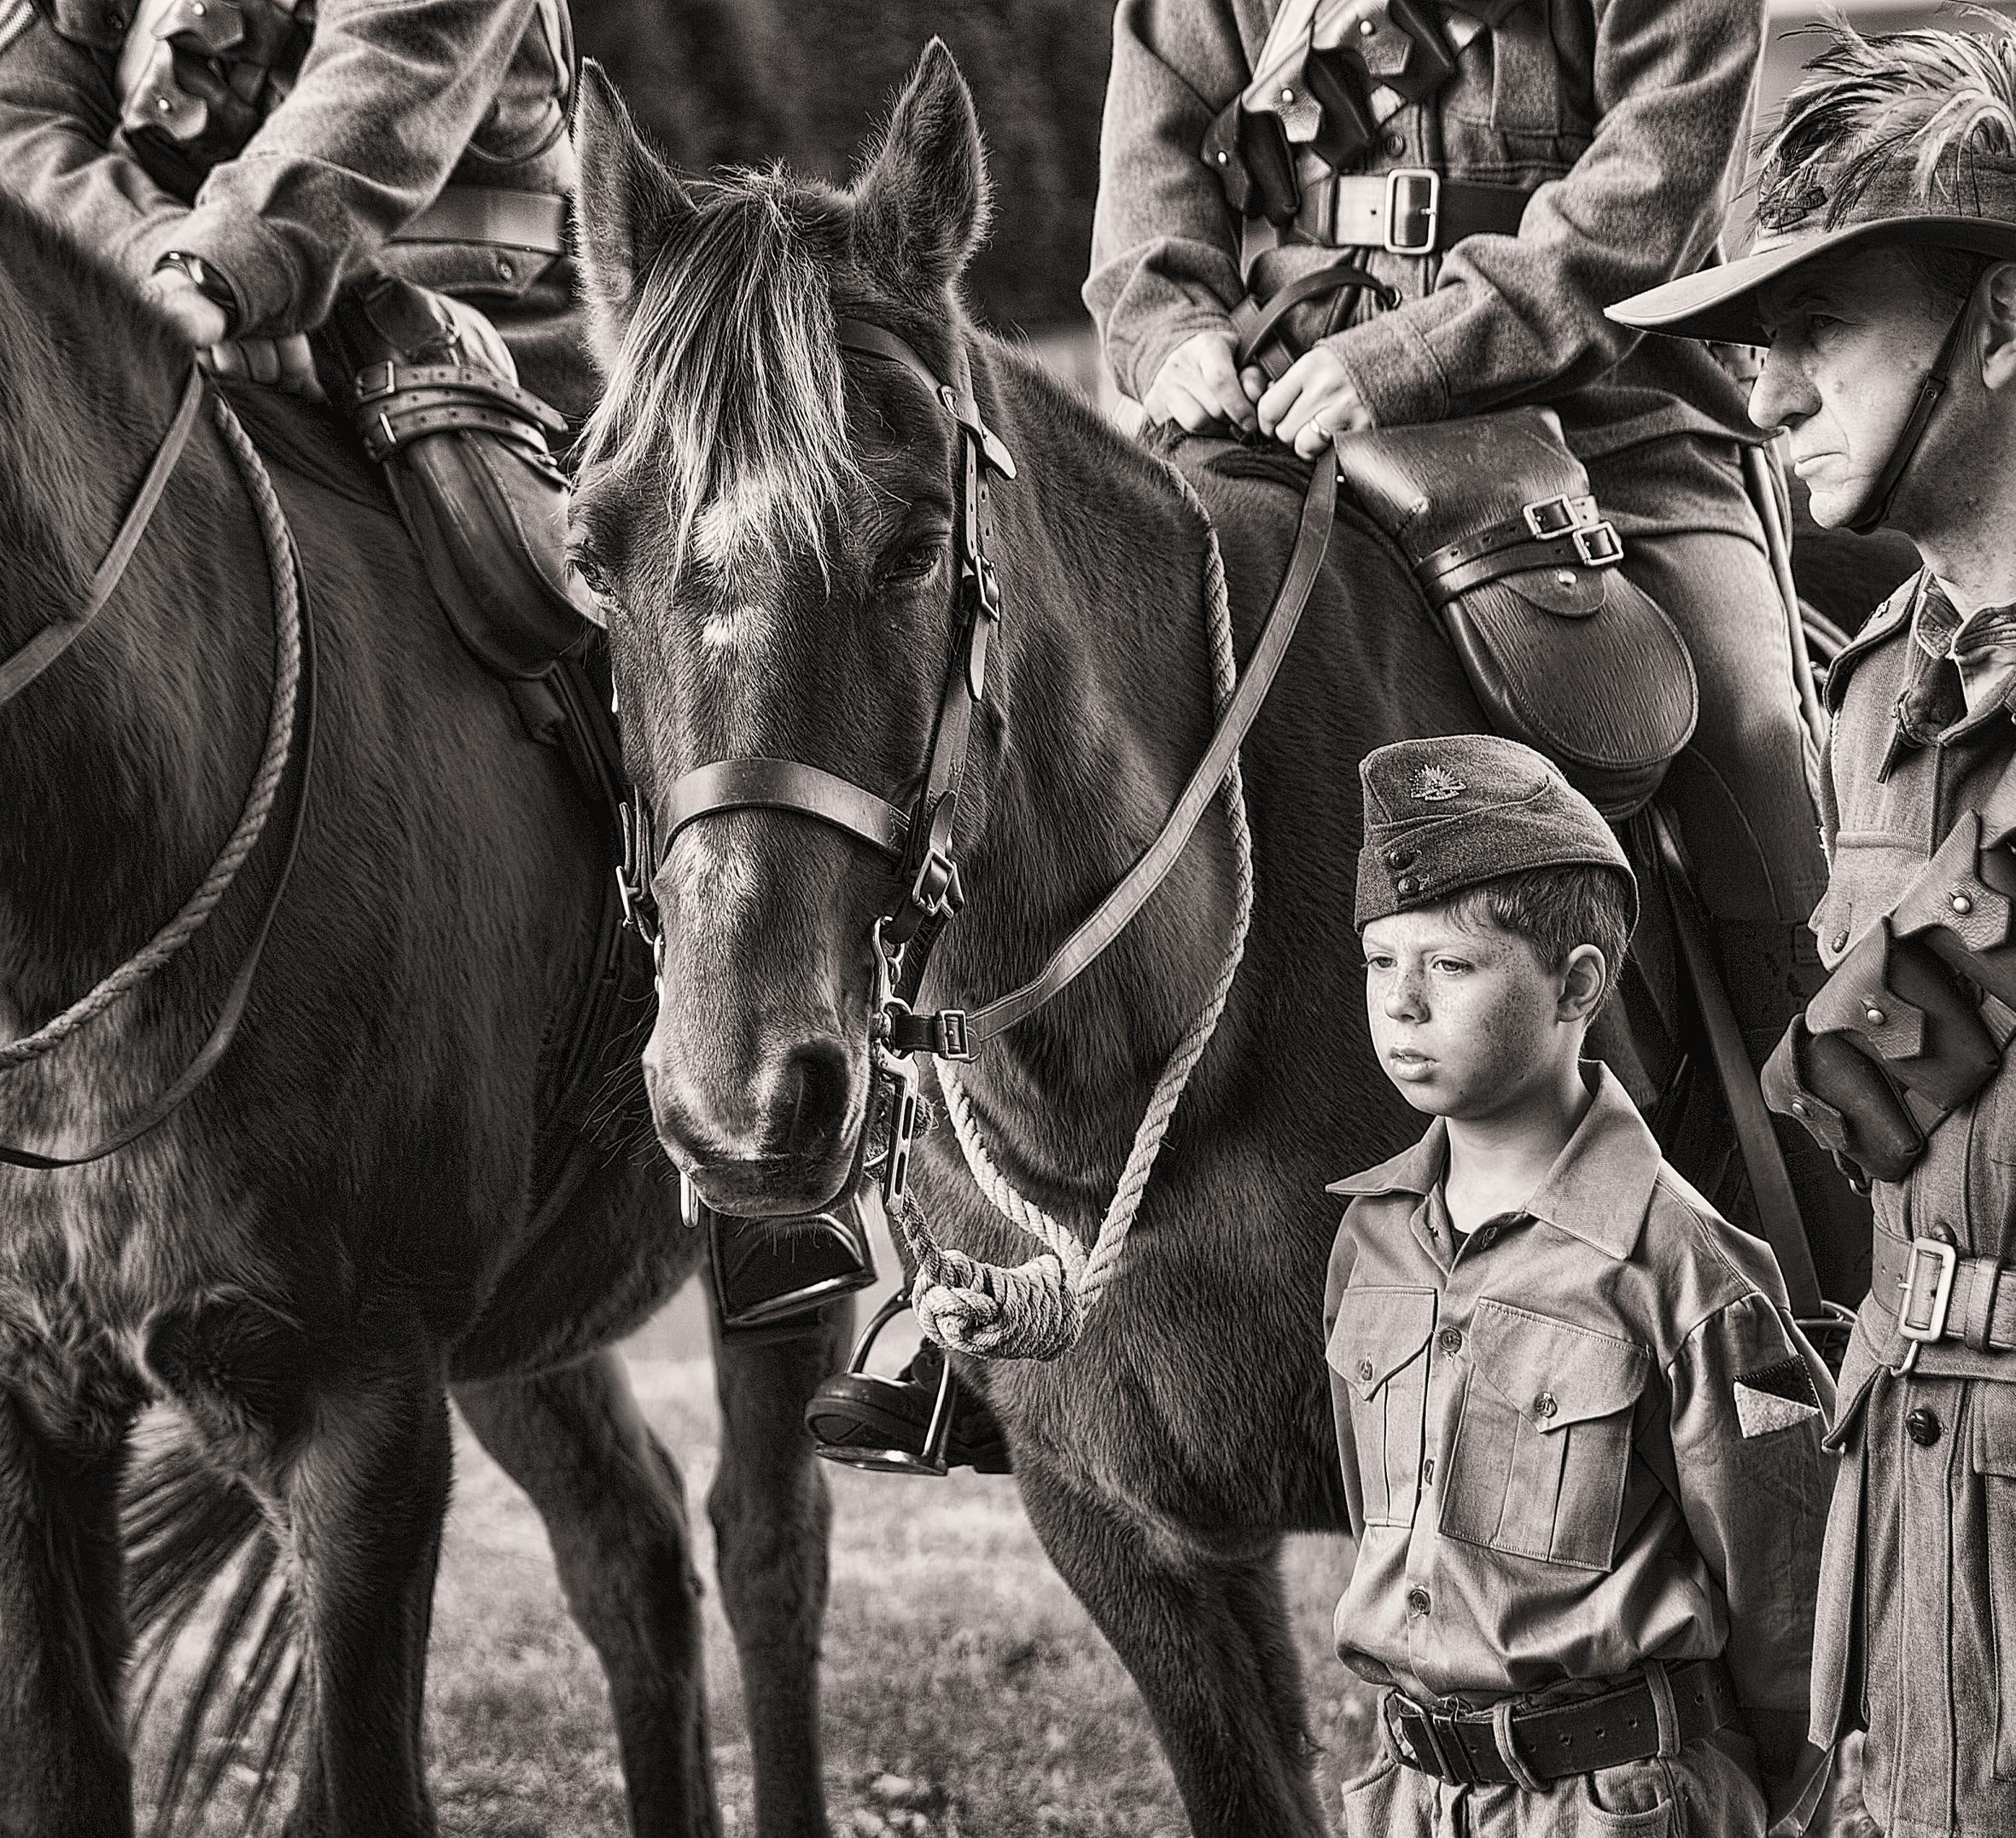 Boer War Commemoration Hobart, 2014